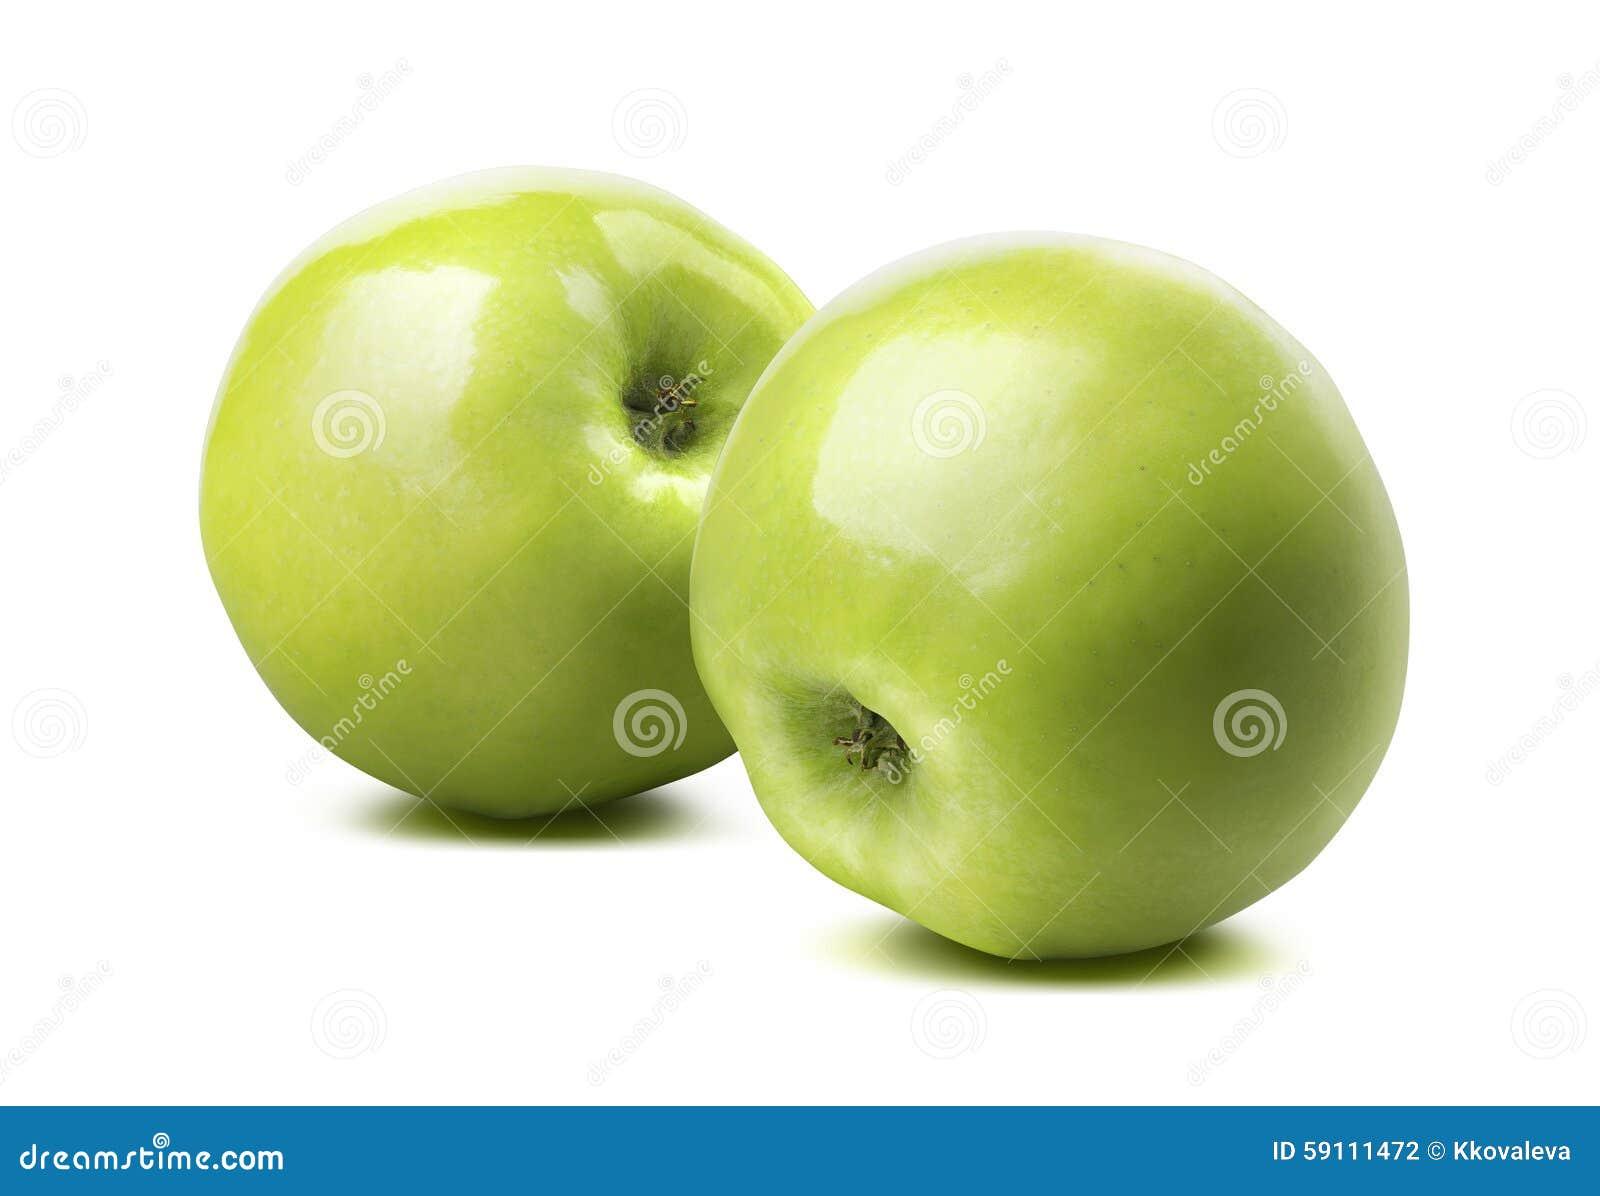 在白色背景隔绝的2个整个光滑的绿色苹果